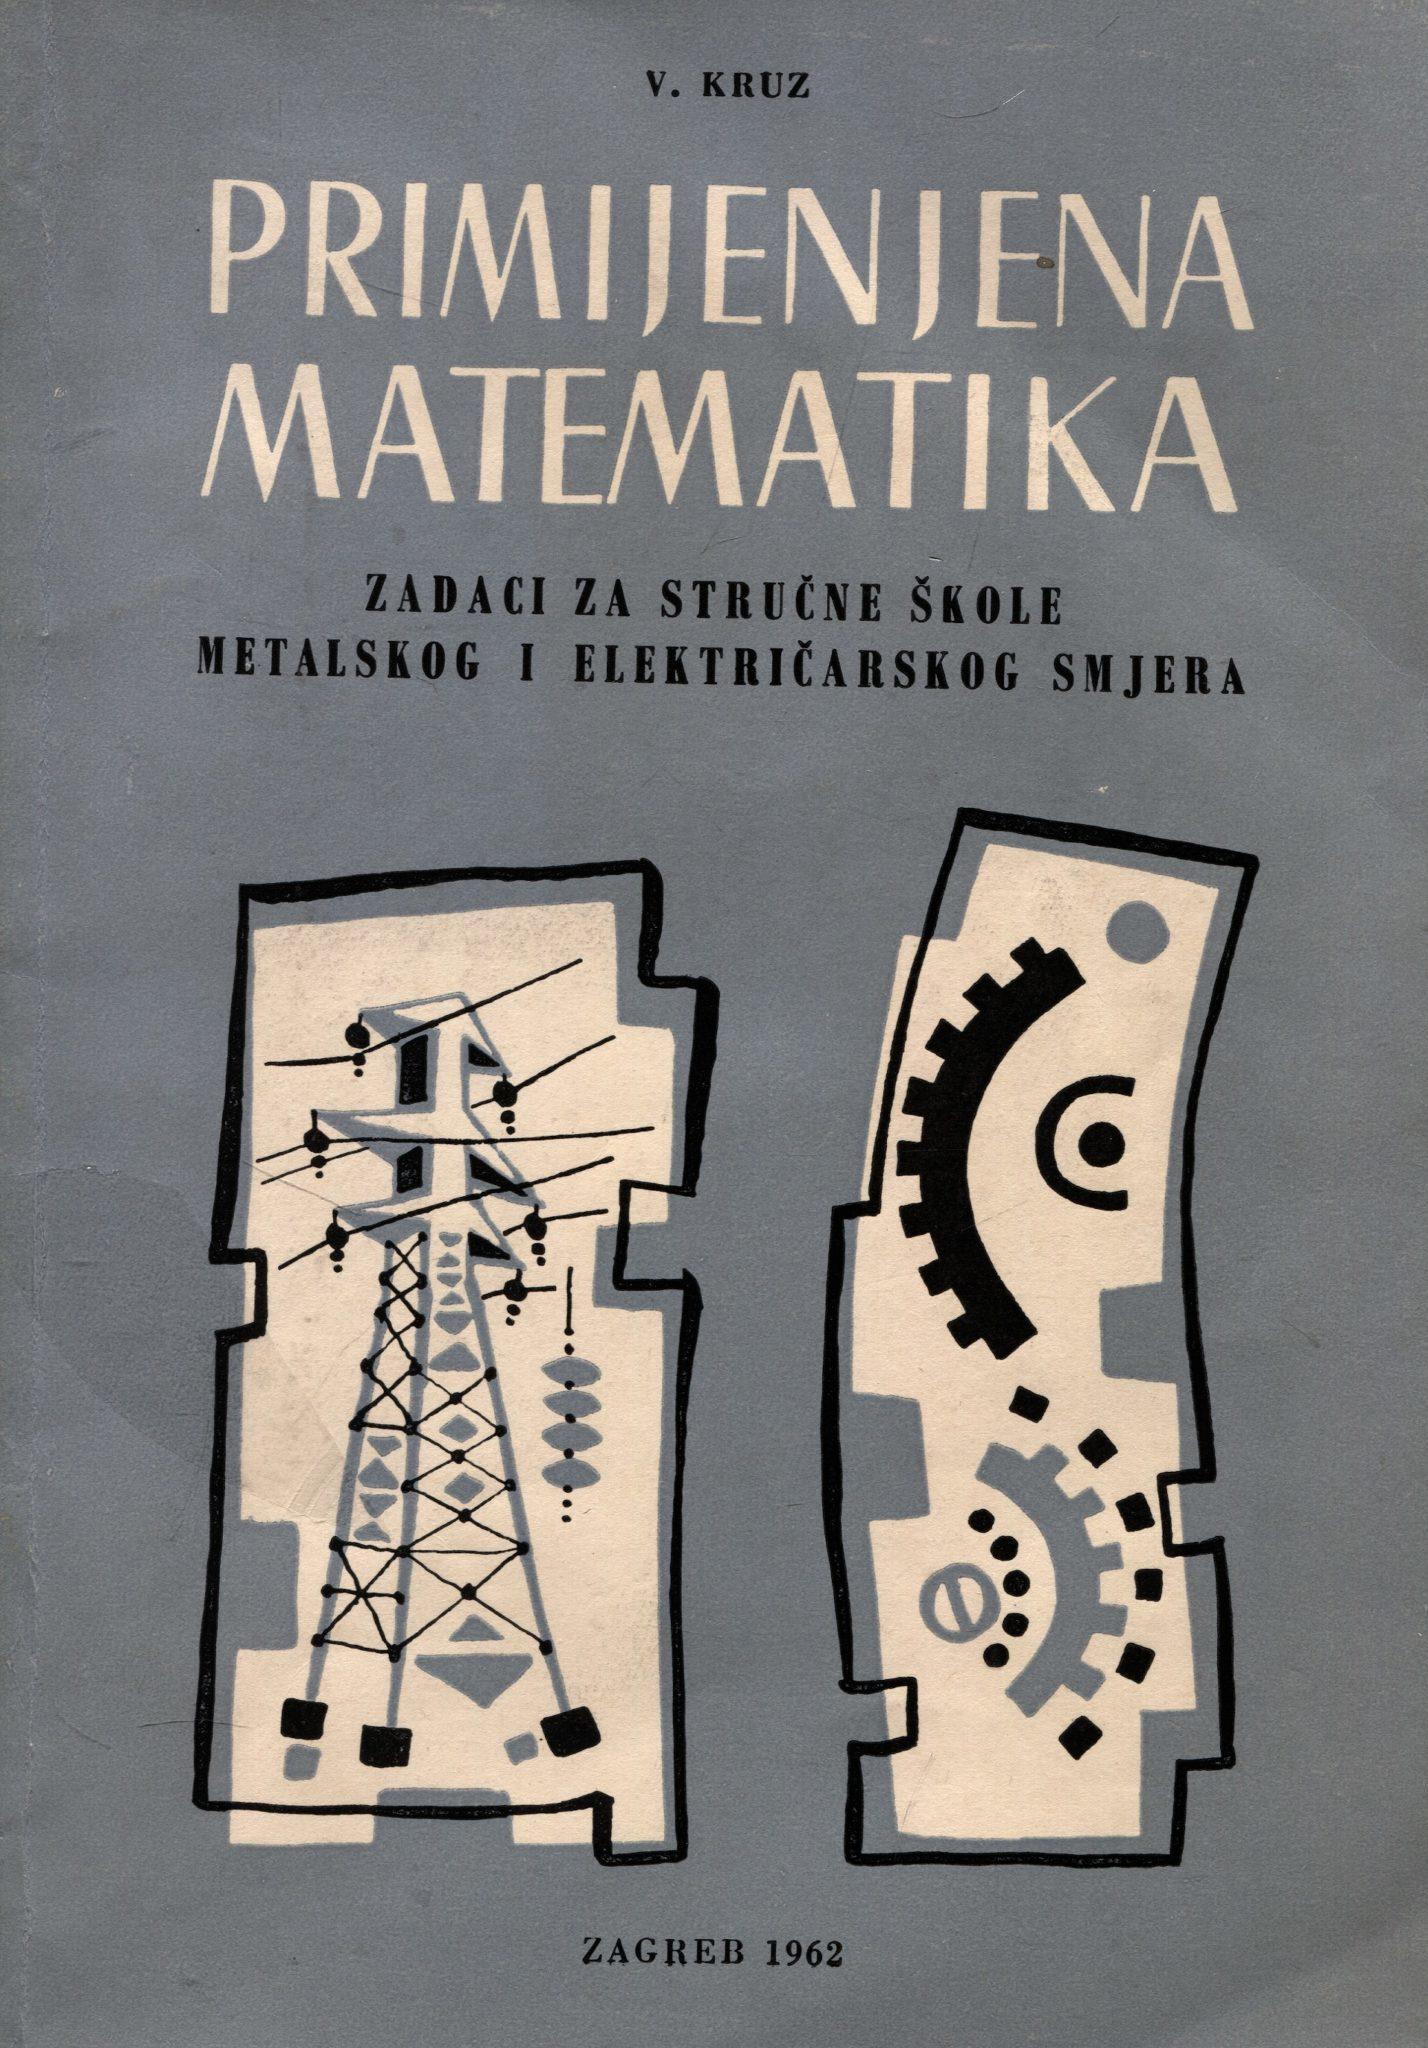 Velimir Kruz - Primijenjena matematika